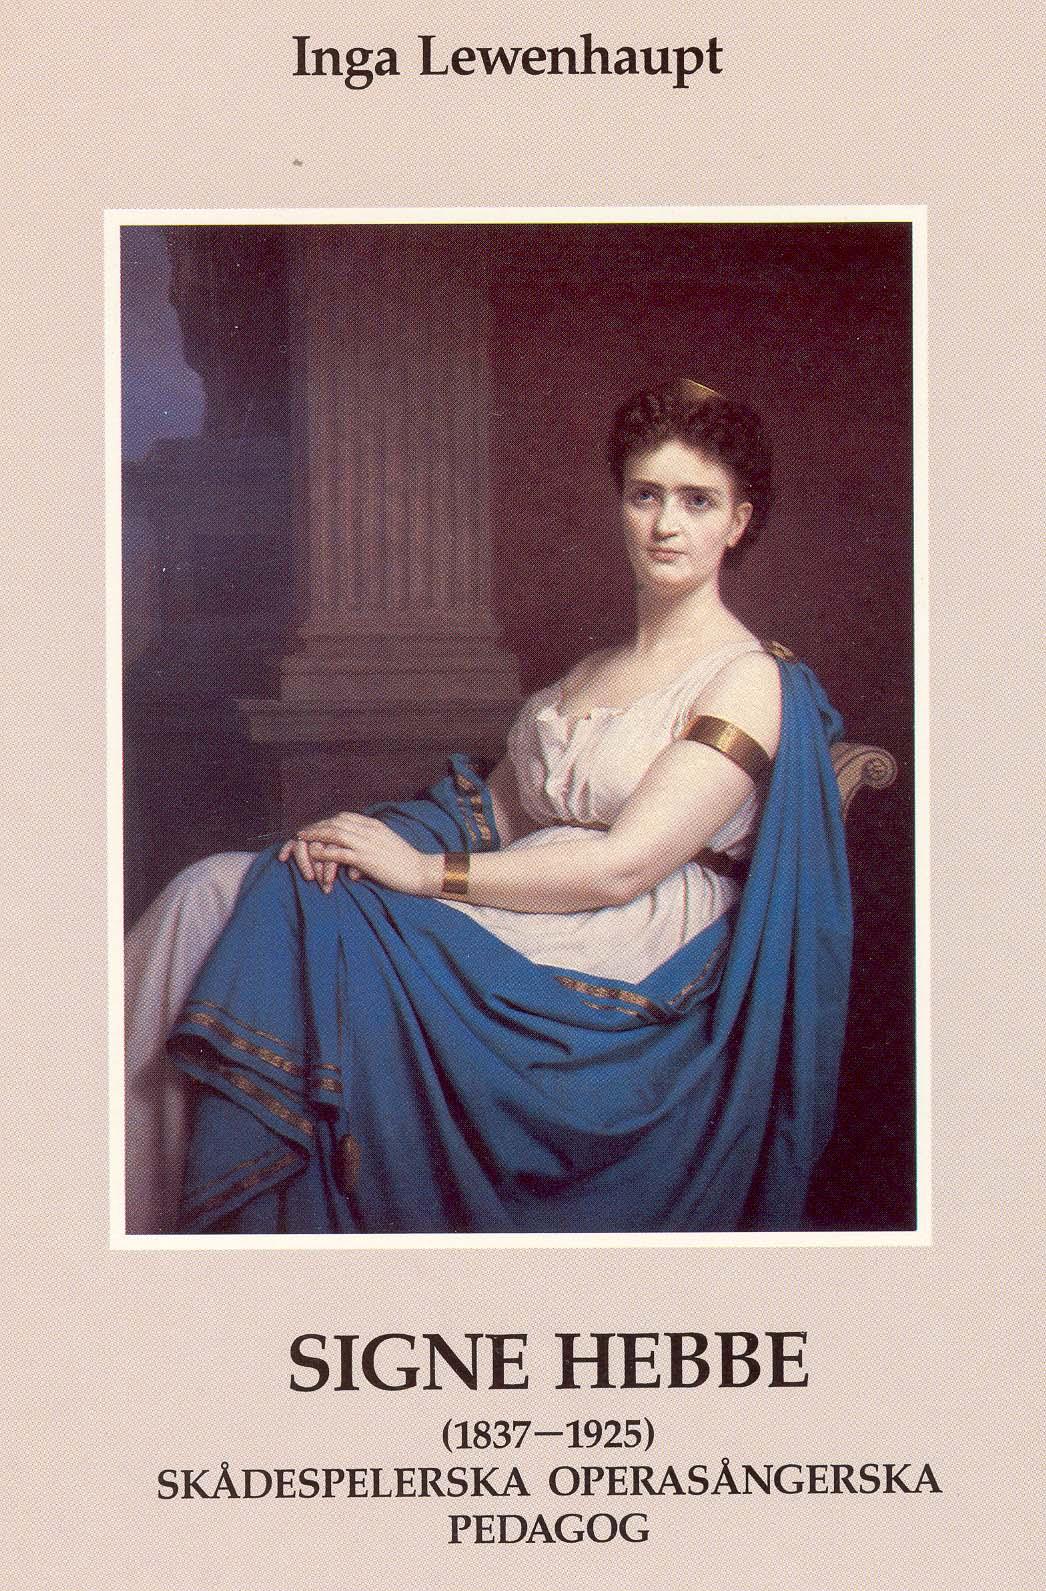 Signe Hebbe (1837-1925). Skådespelerska Operasångerska Pedagog